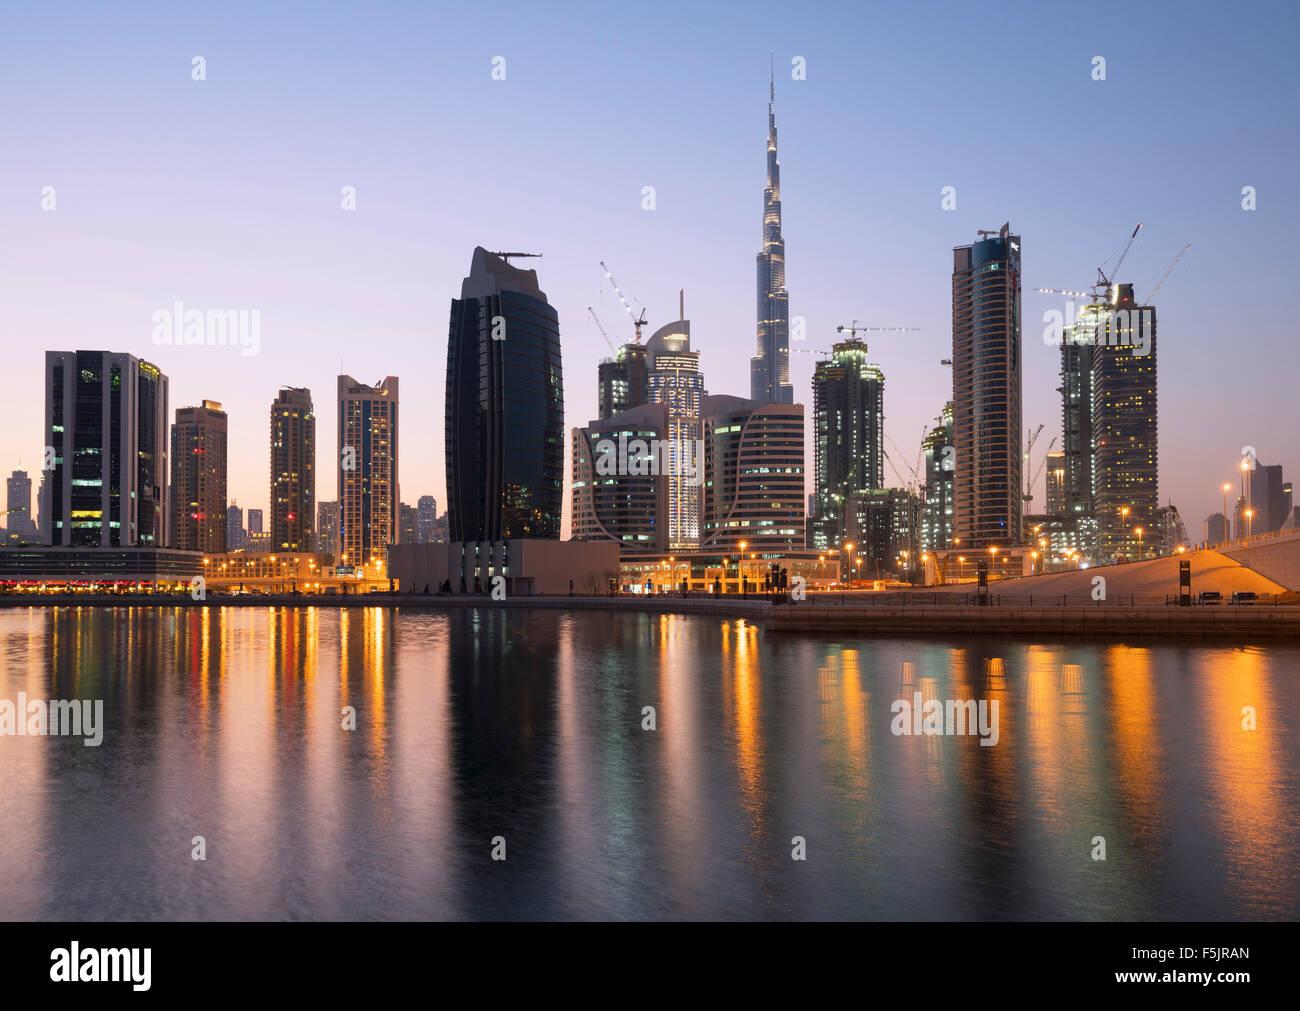 Skyline de tours reflété dans le ruisseau au crépuscule dans la baie d'affaires à Dubaï Photo Stock